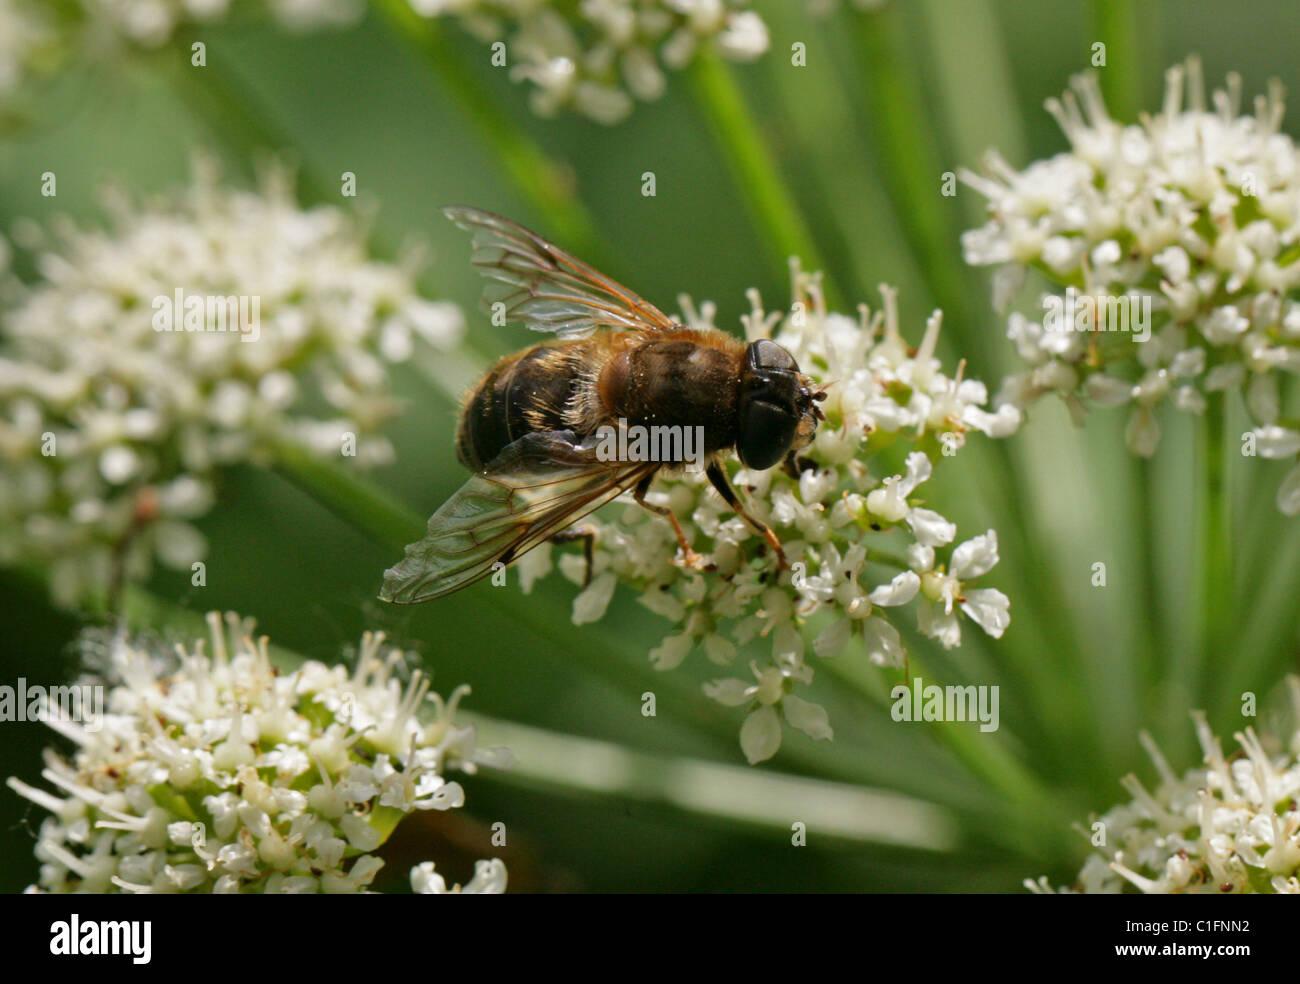 Female Honeybee Mimic, Dronefly or Hoverfly, Eristalis pertinax, Diptera. Feeding on Hemlock Water Dropwort Flowers. - Stock Image